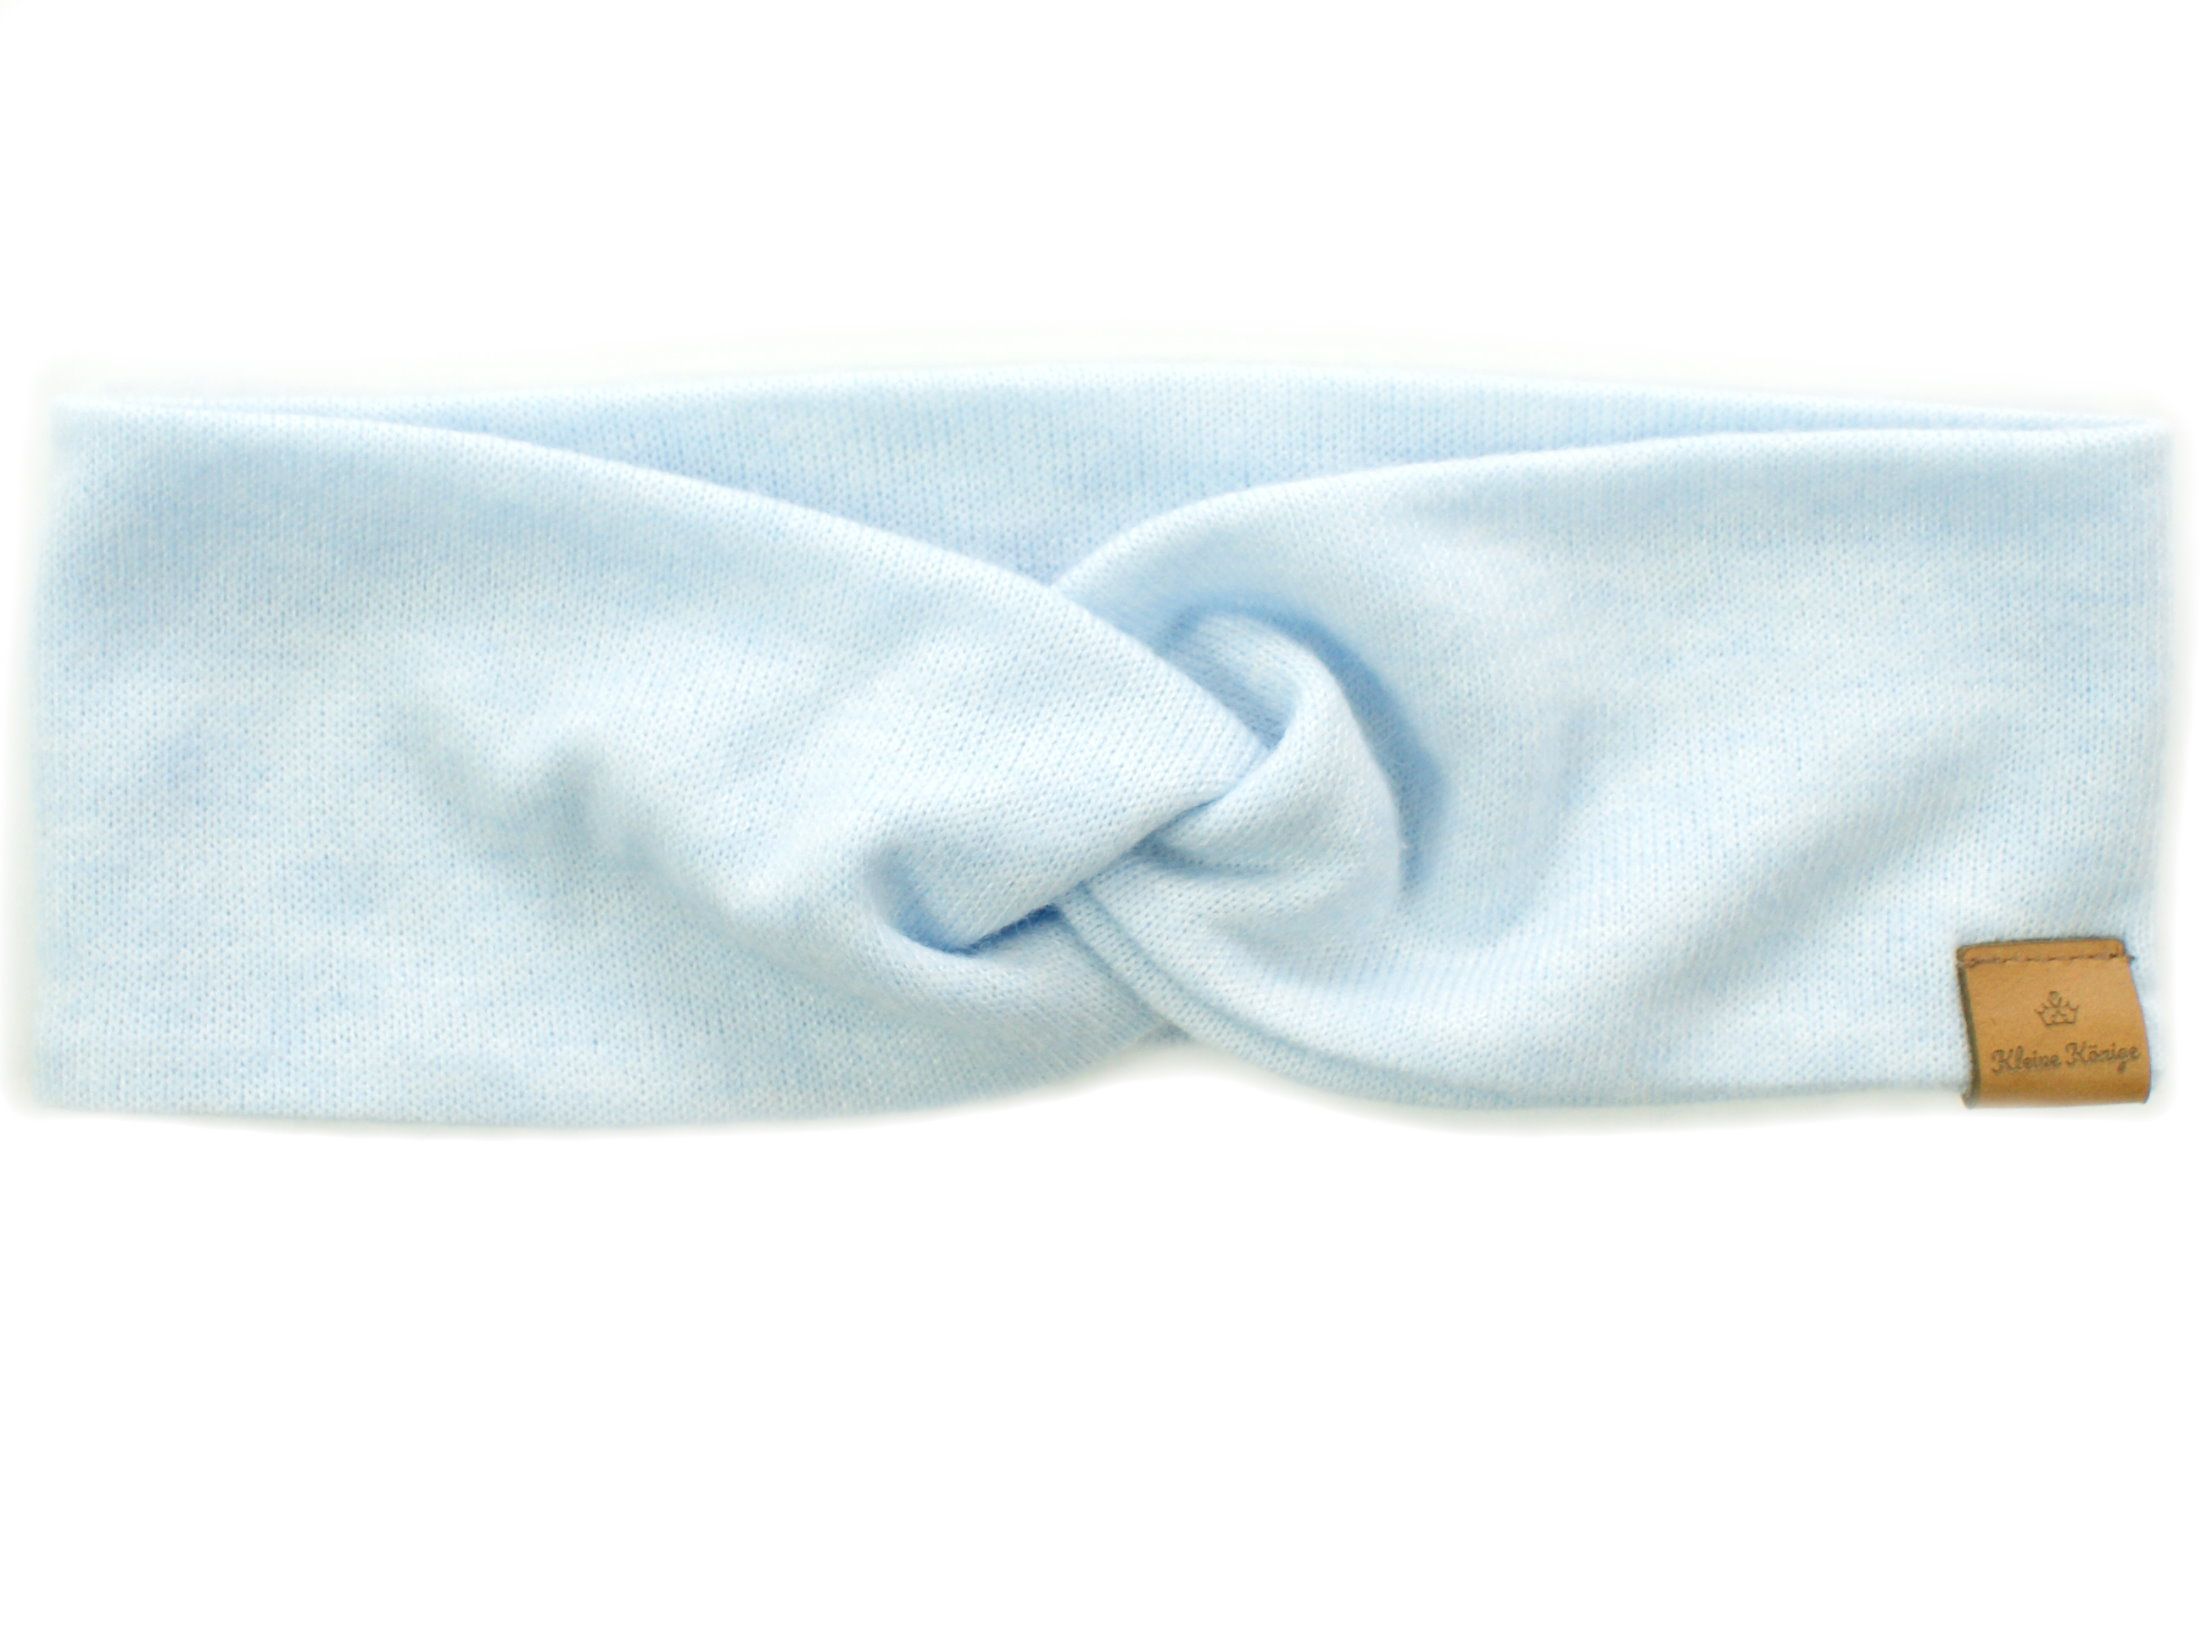 Damen Haarband aus Strickstoff in hellblau